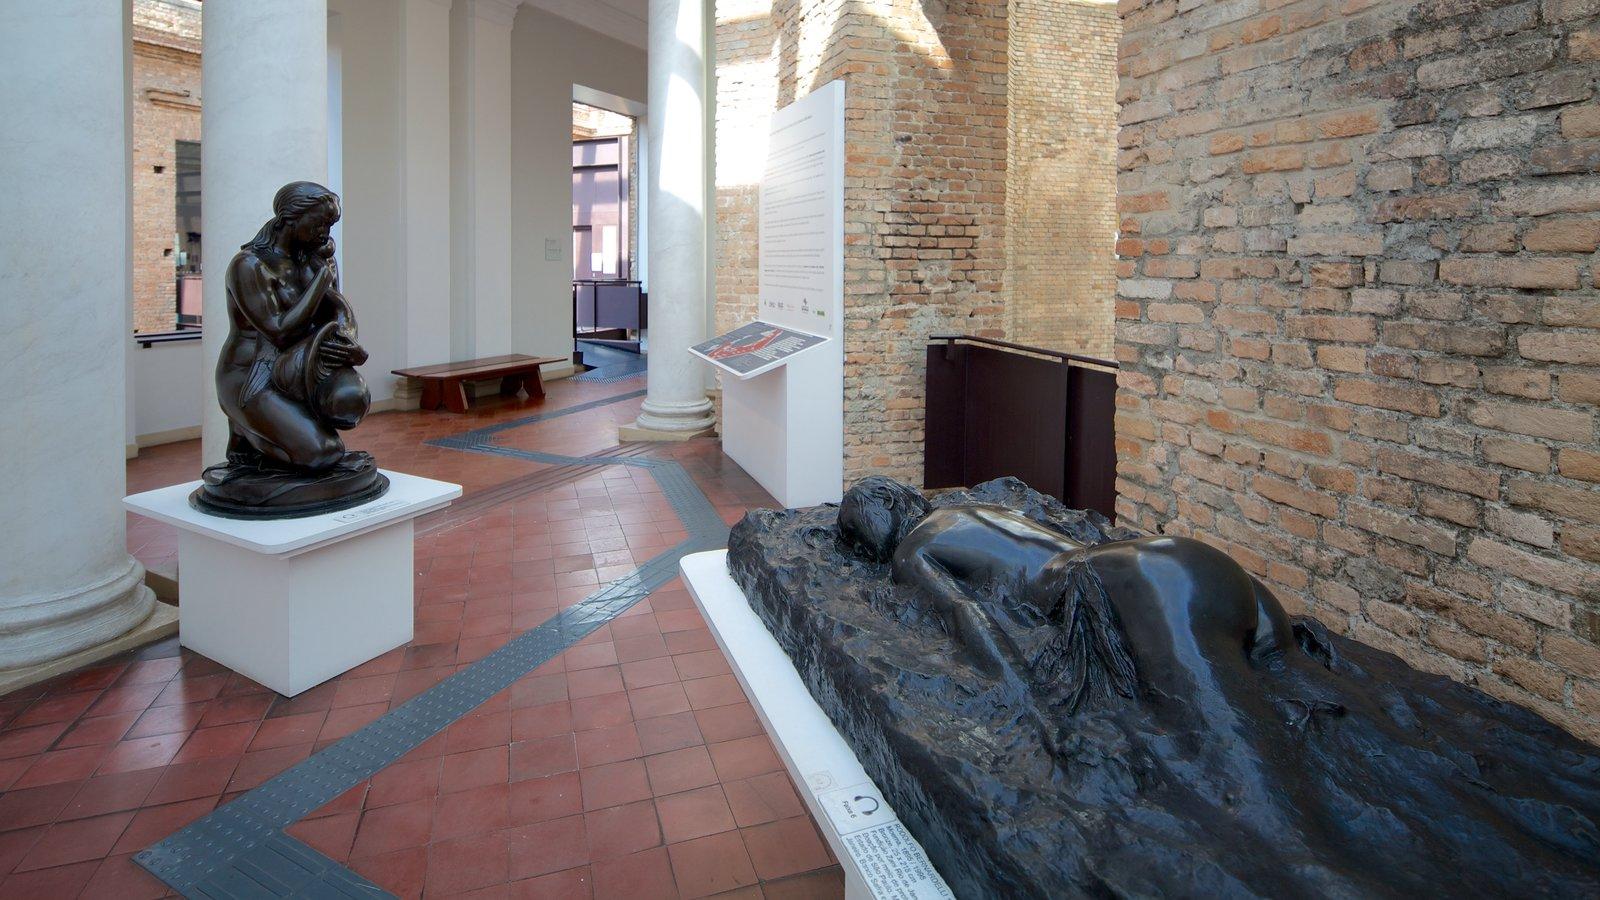 Pinacoteca do Estado mostrando uma estátua ou escultura, vistas internas e arte